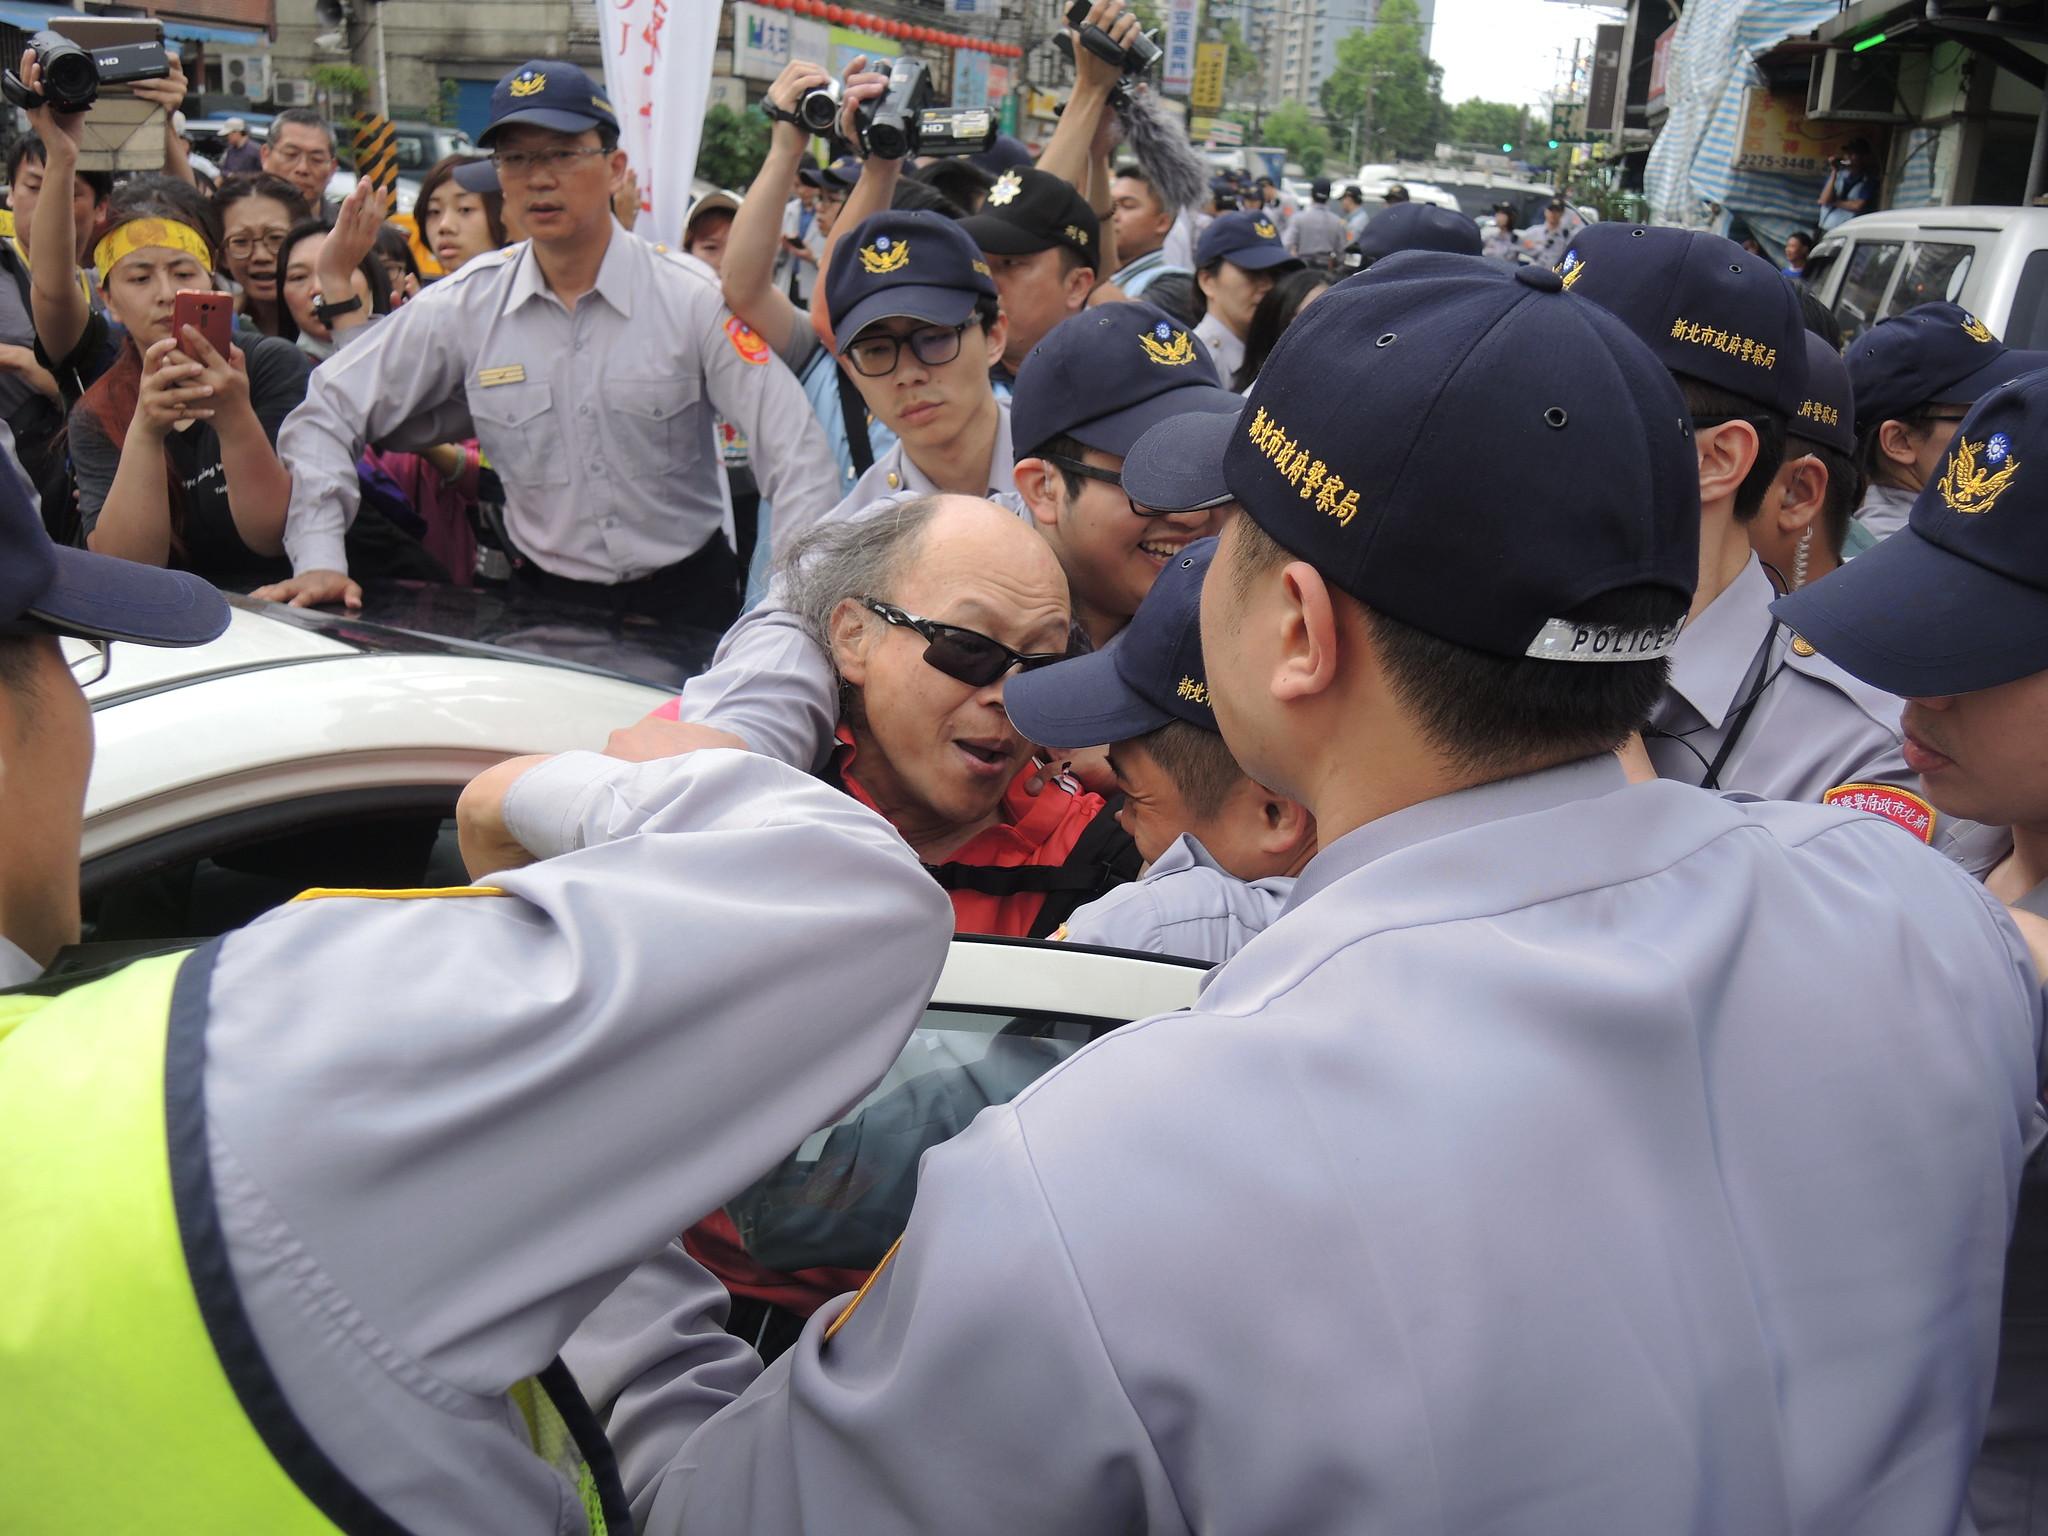 黎明幼兒園園長林金連遭警方強押上車。(攝影:曾福全)